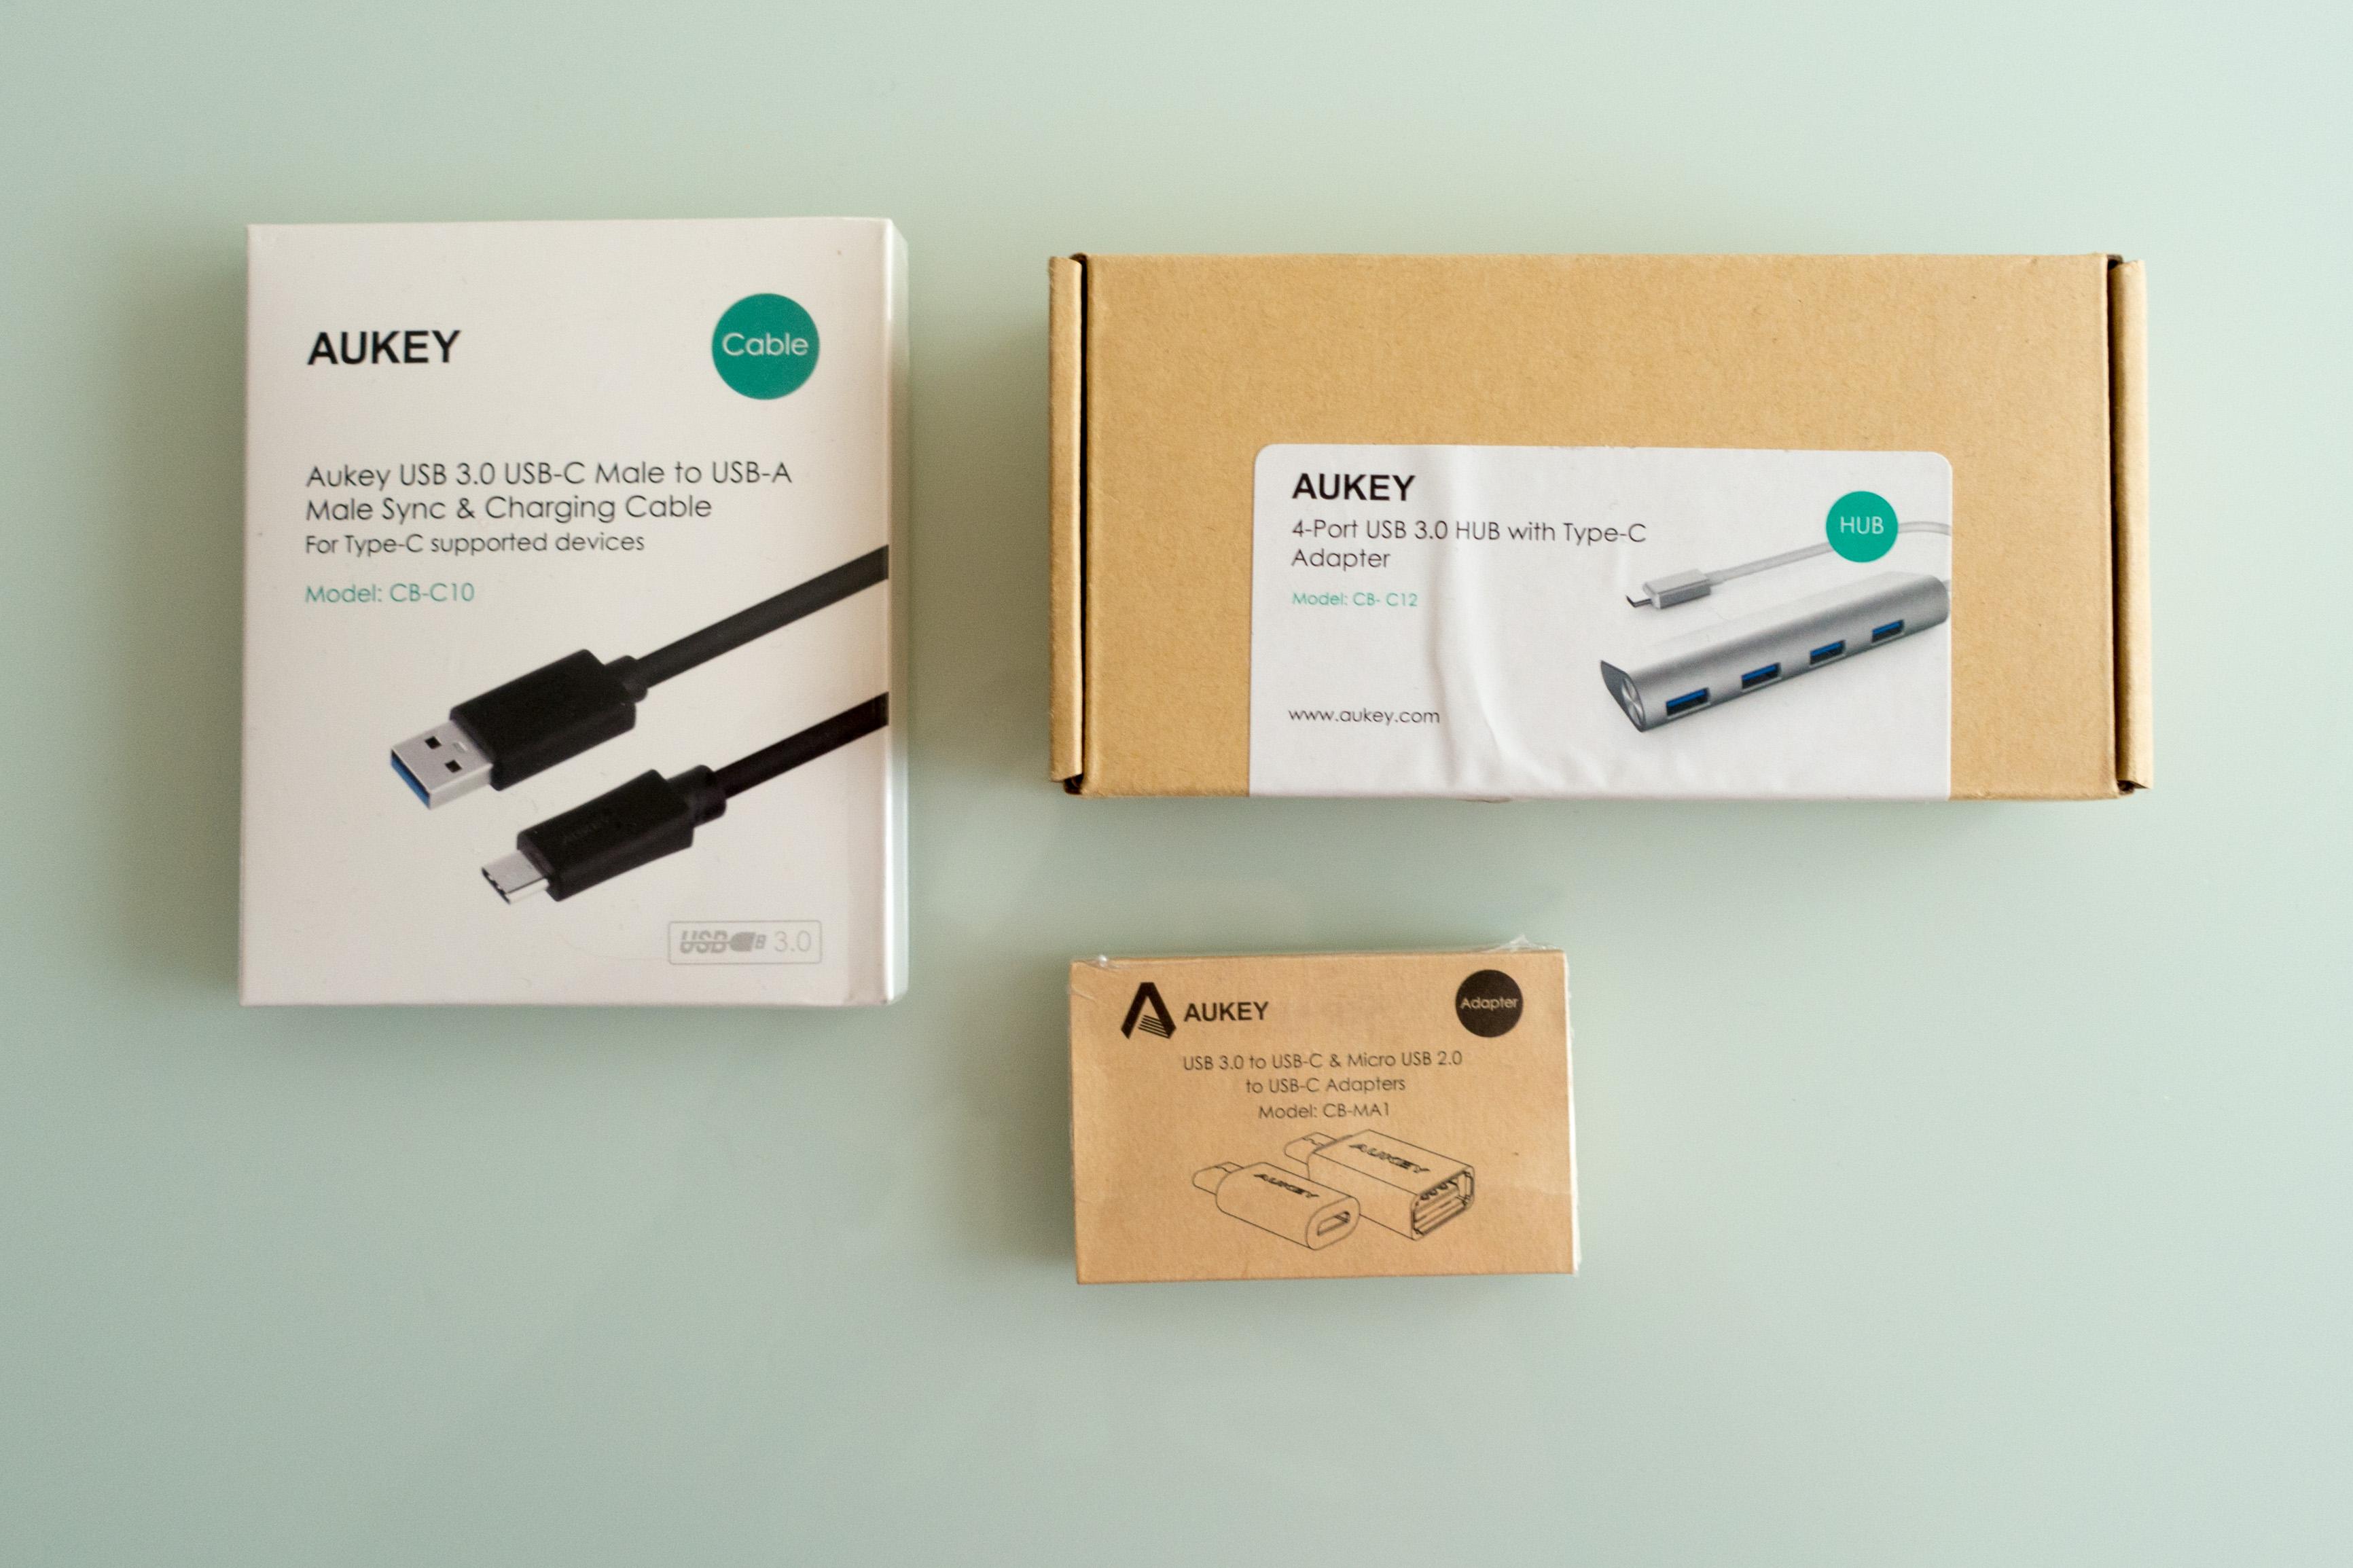 Quelques accessoires USB-C Aukey pour votre Macbook